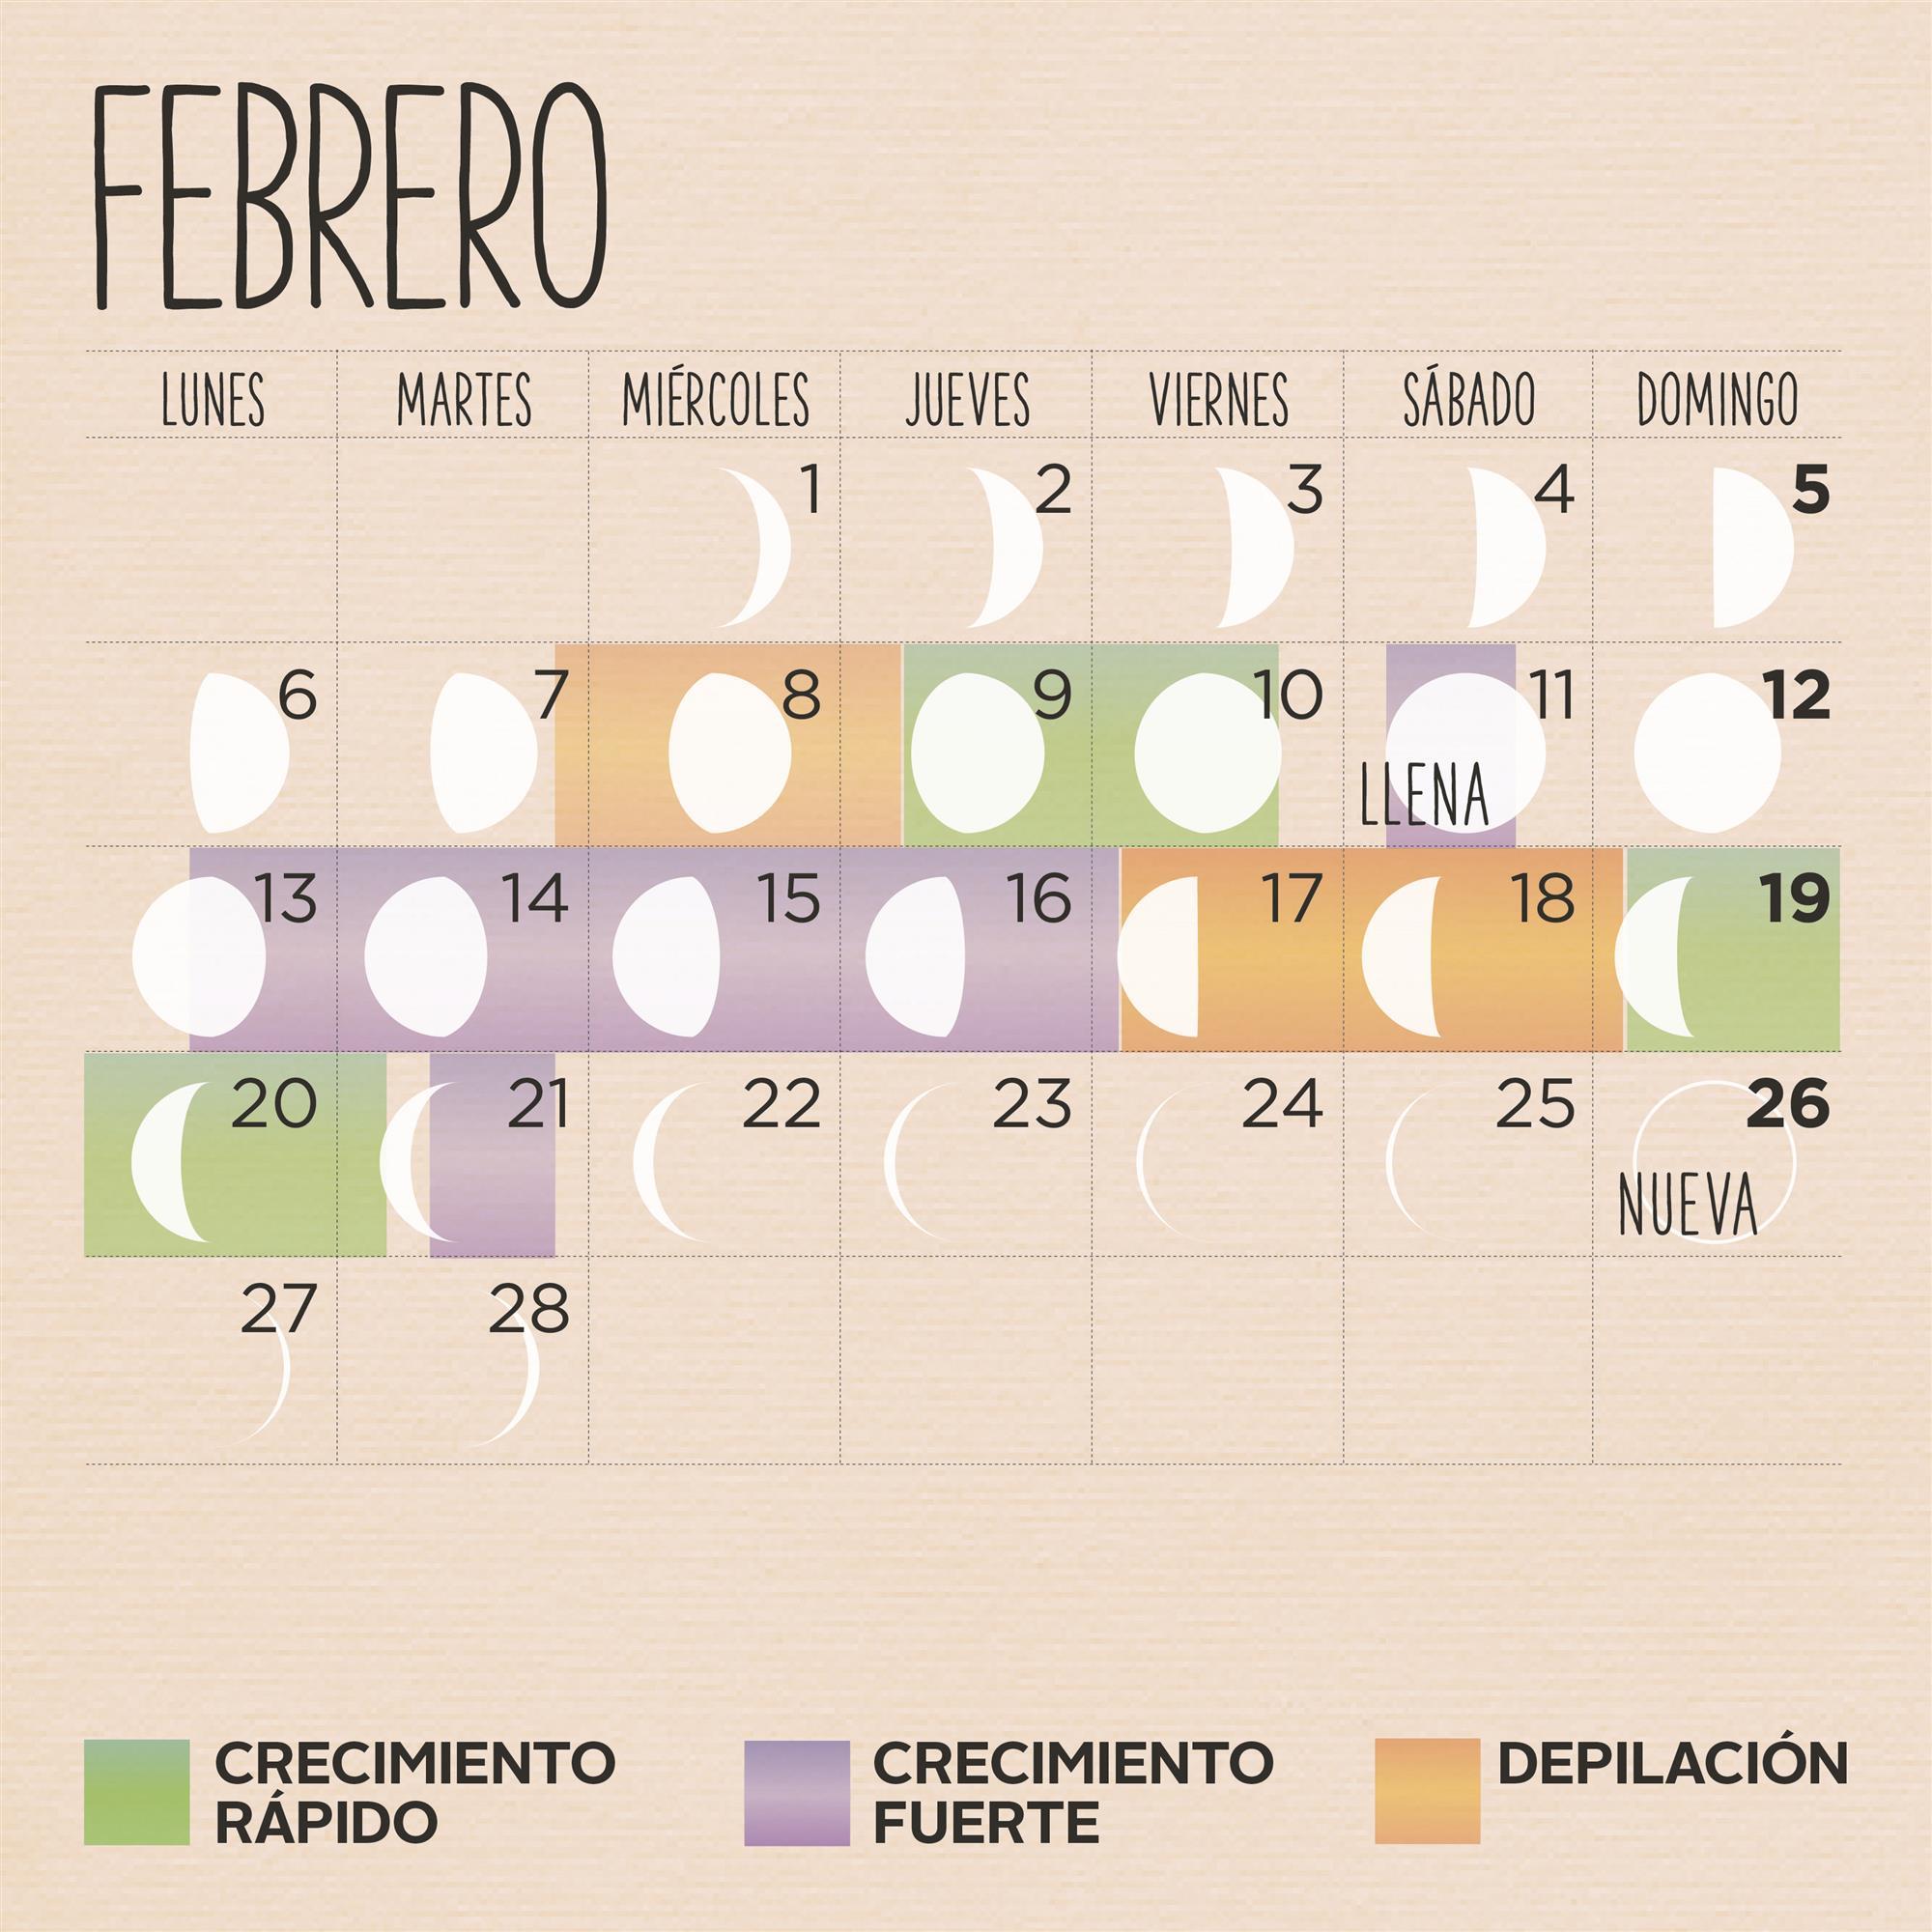 Calendario lunar 2017 corte de pelo siembra y depilaci n for Almanaque lunar 2017